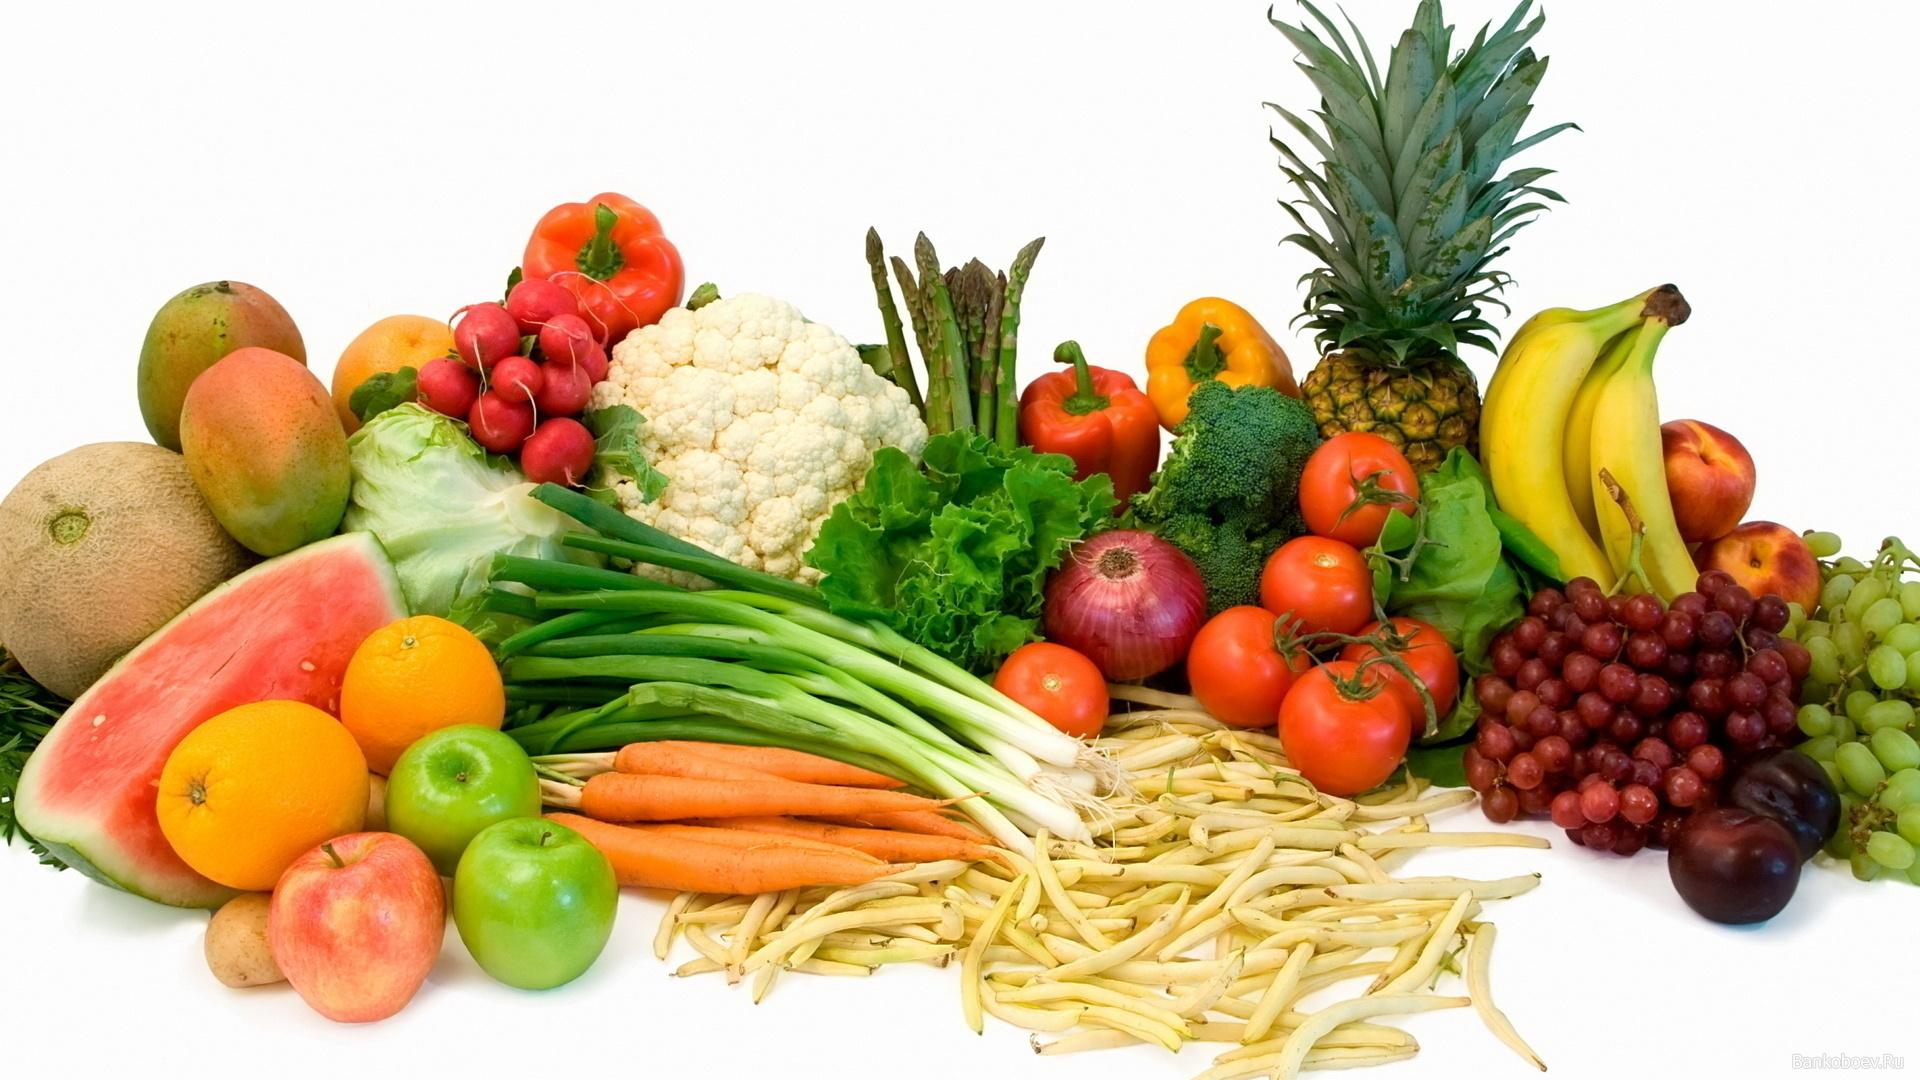 картинки фрукты овощи